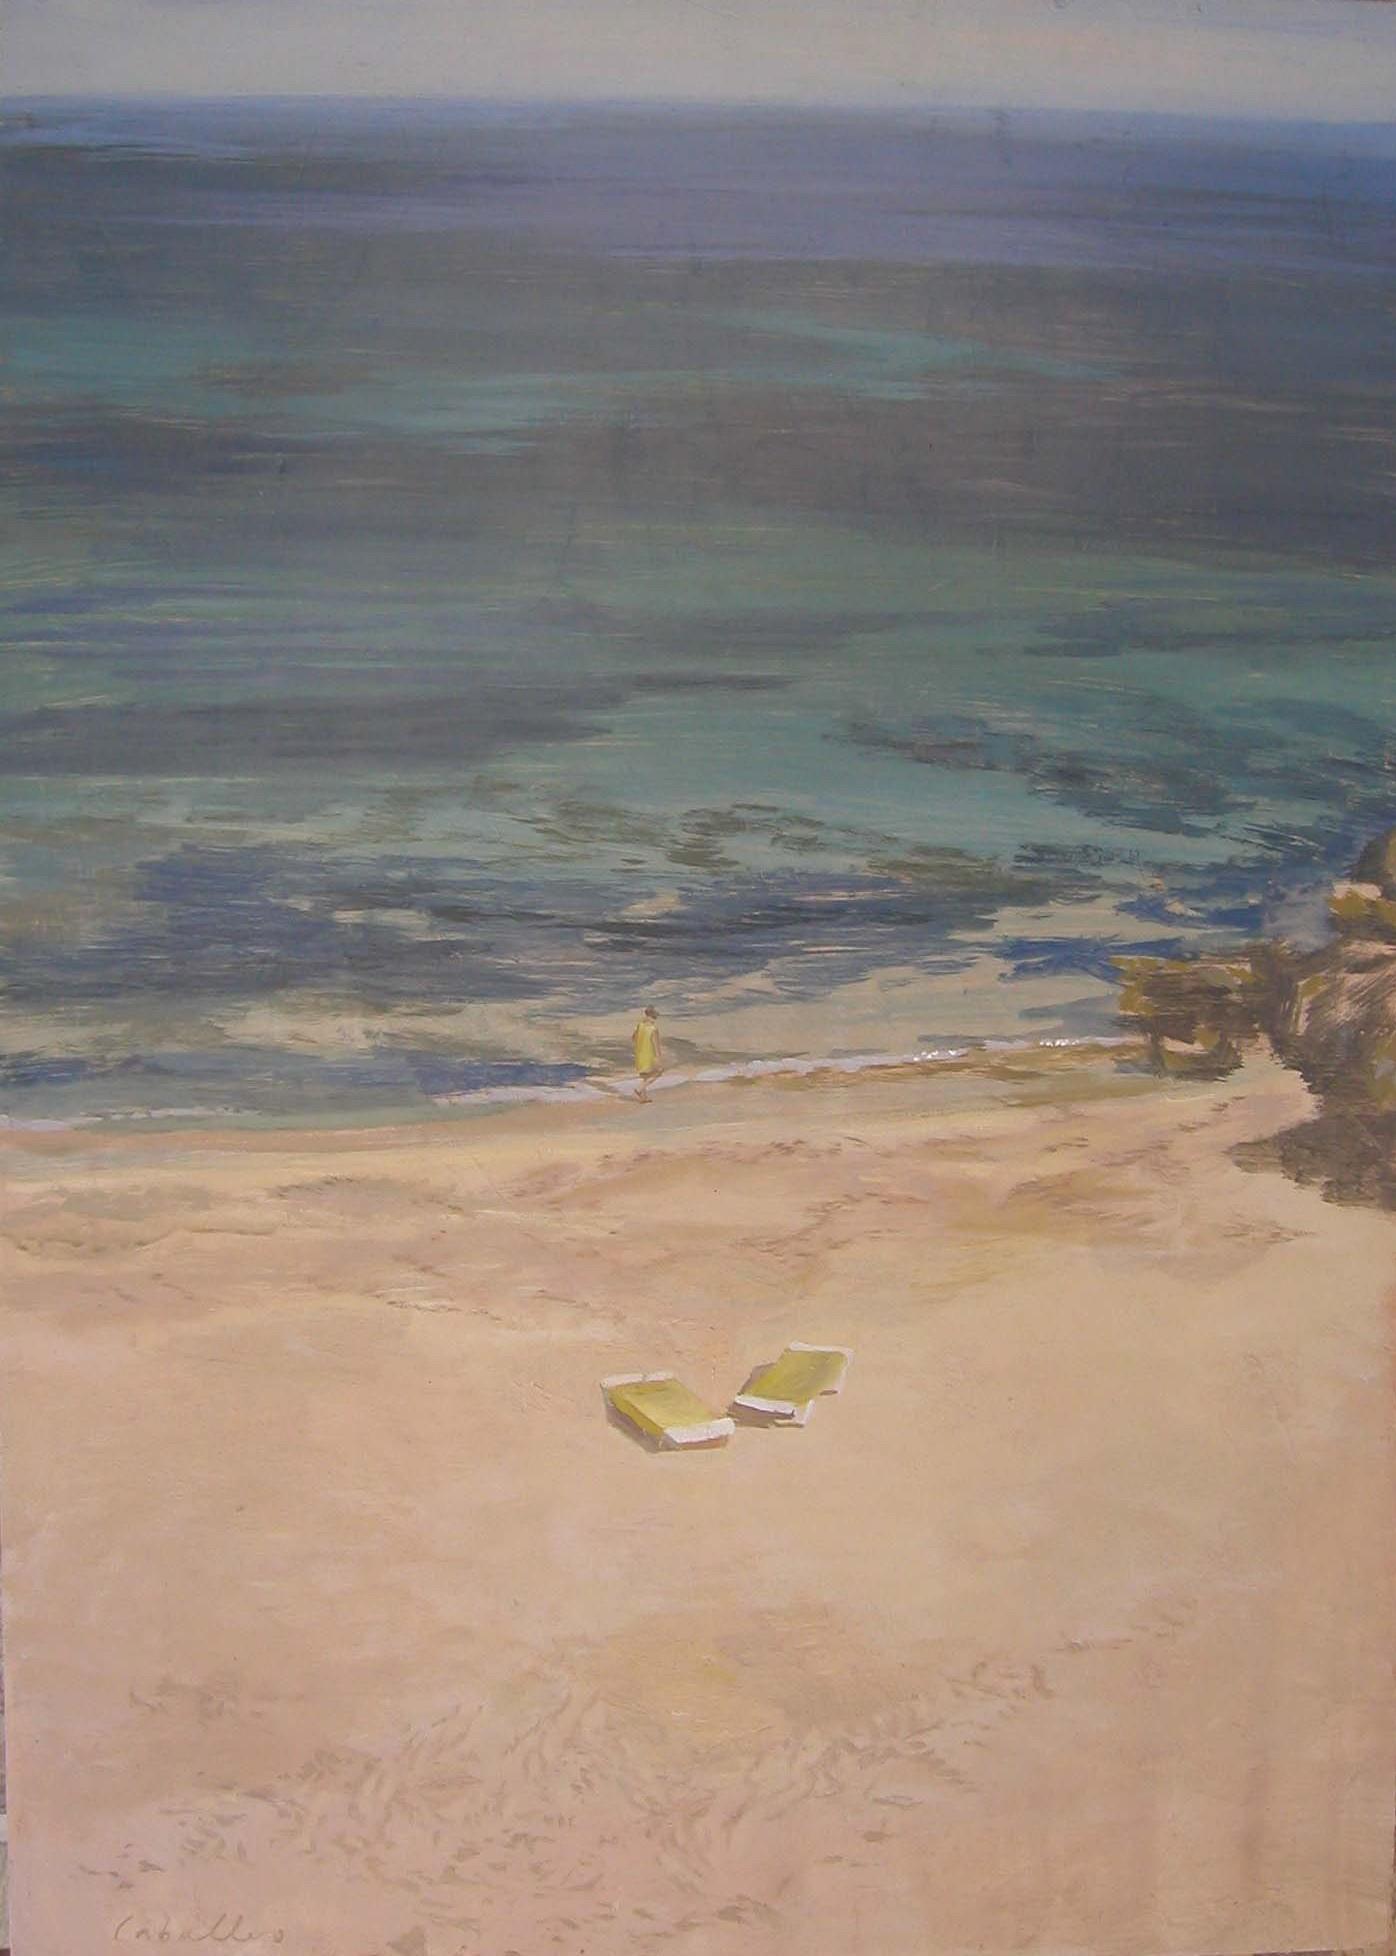 Encuentro-73-x-52-cm-alejandra-caballero-mar-playa-verano-óleo-sobre-tabla